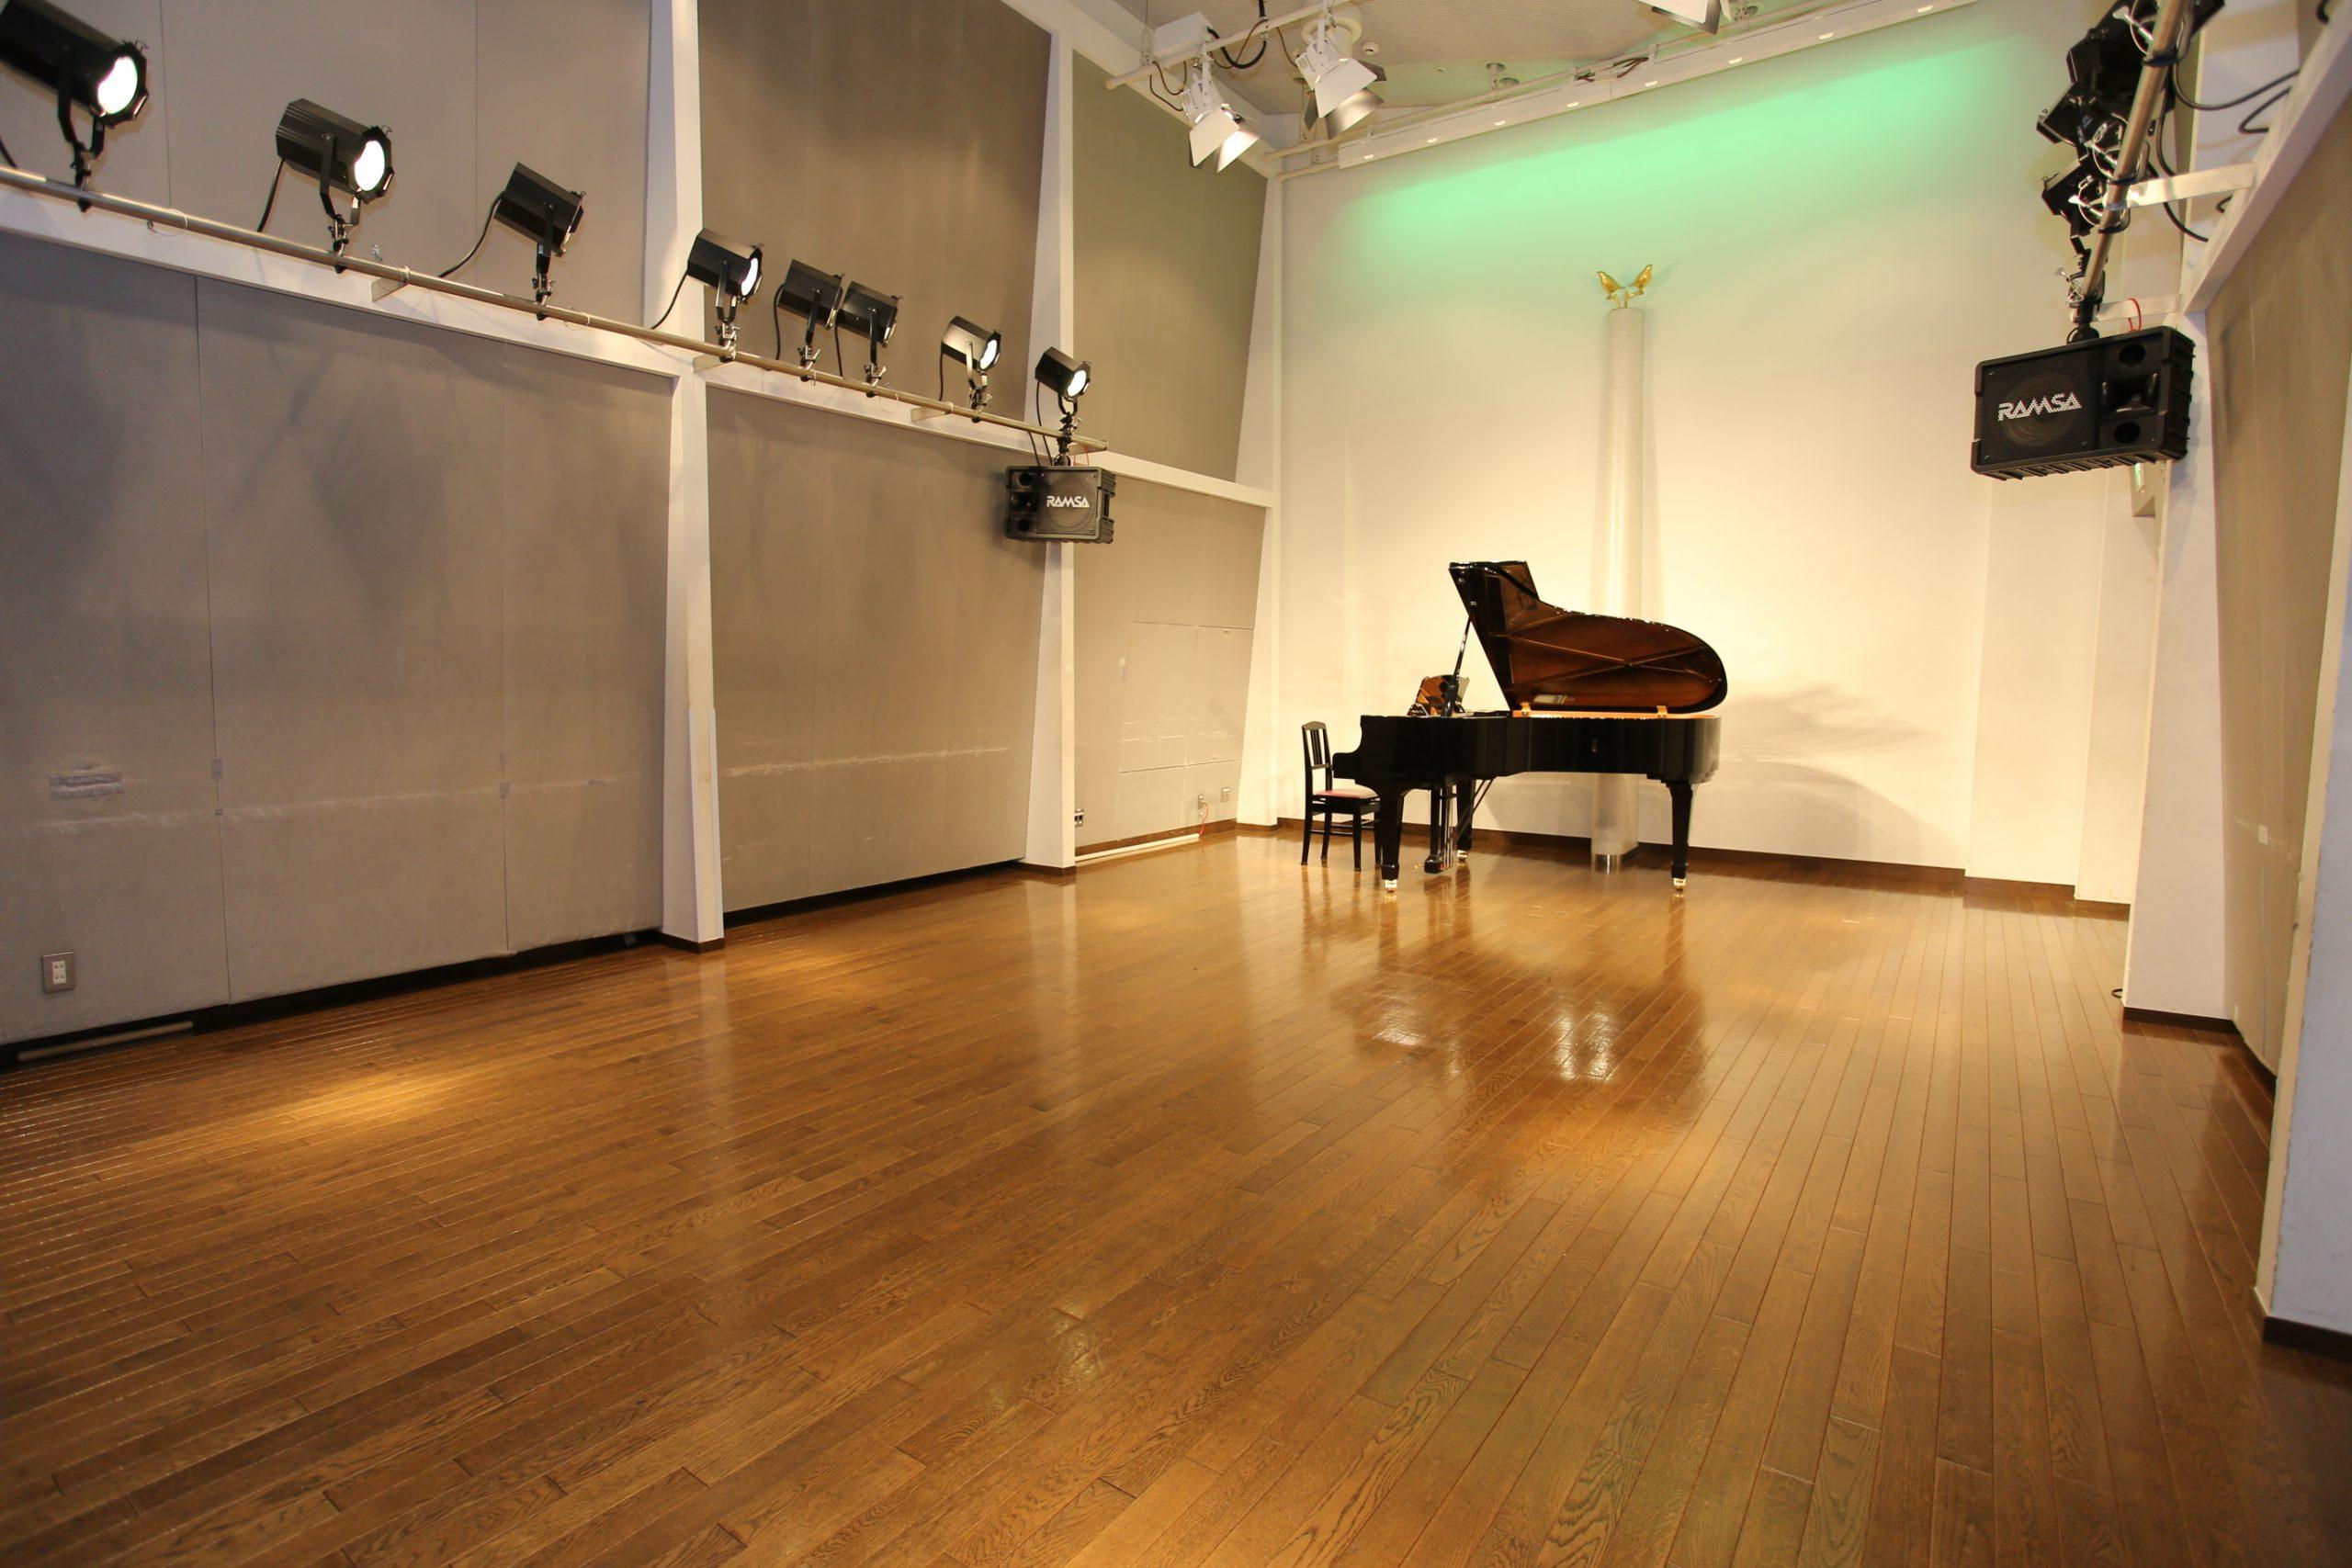 音楽ルームピアノ有り全景写真